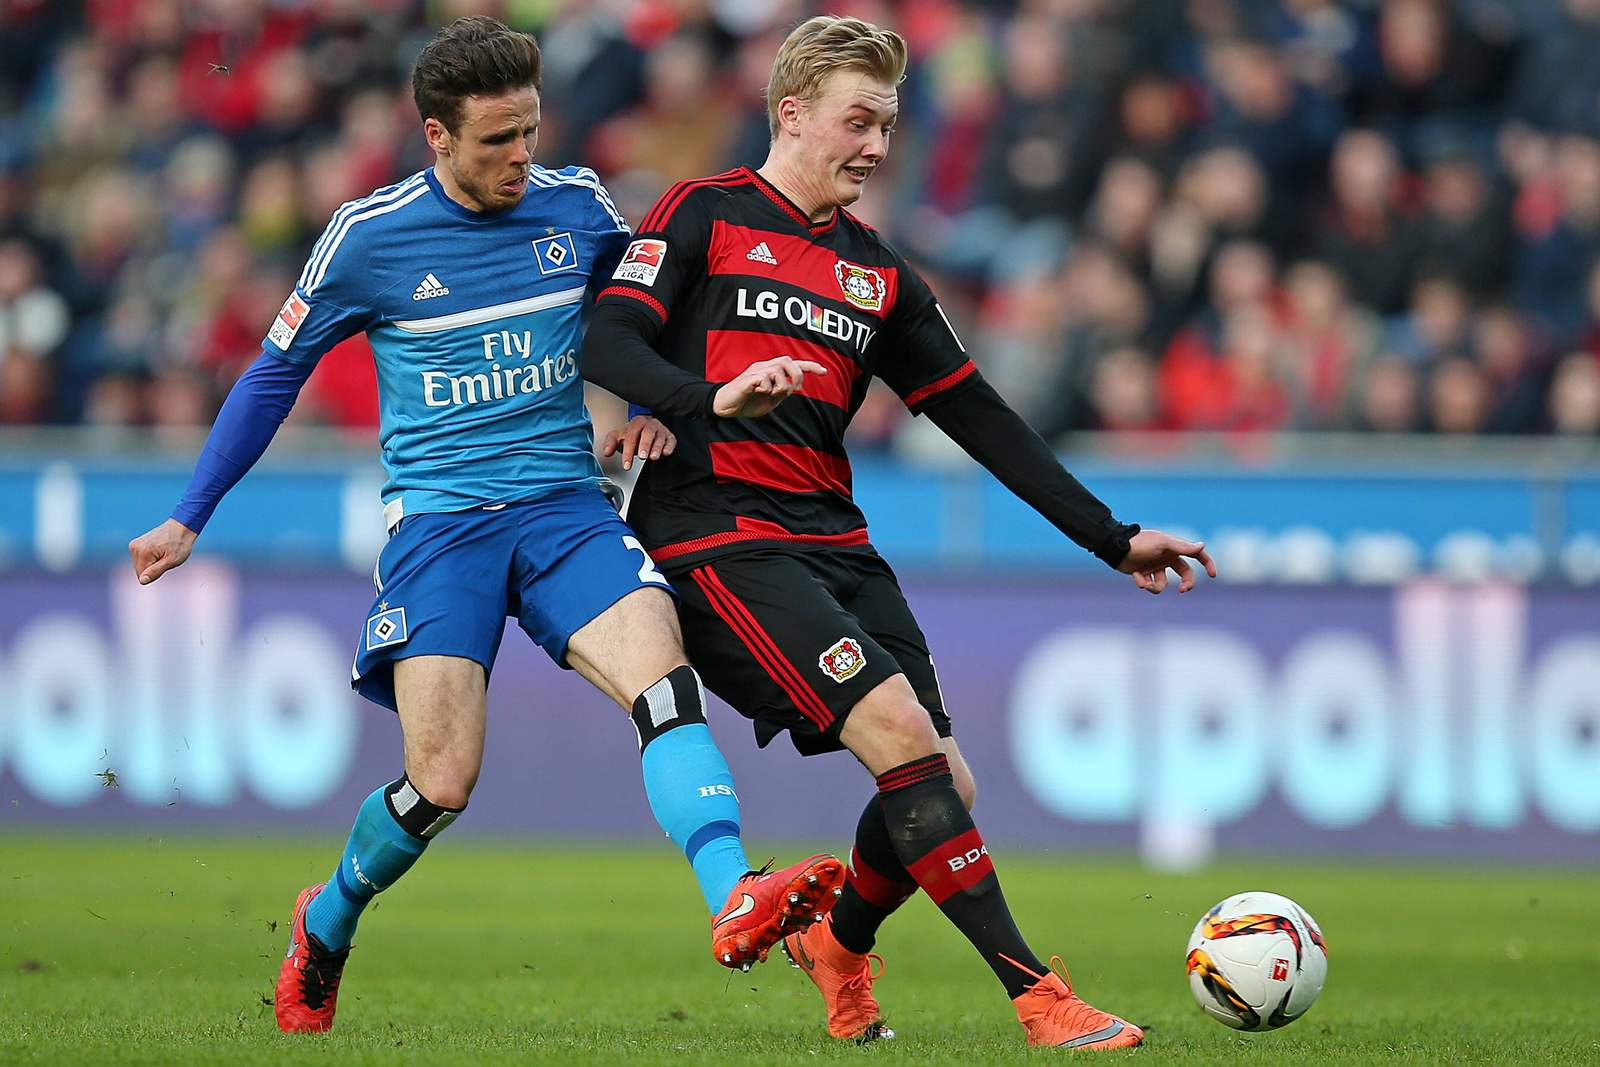 Nicolai Müller im Zweikampf mit Julian Brandt. Jetzt auf HSV gegen Leverkusen wetten!